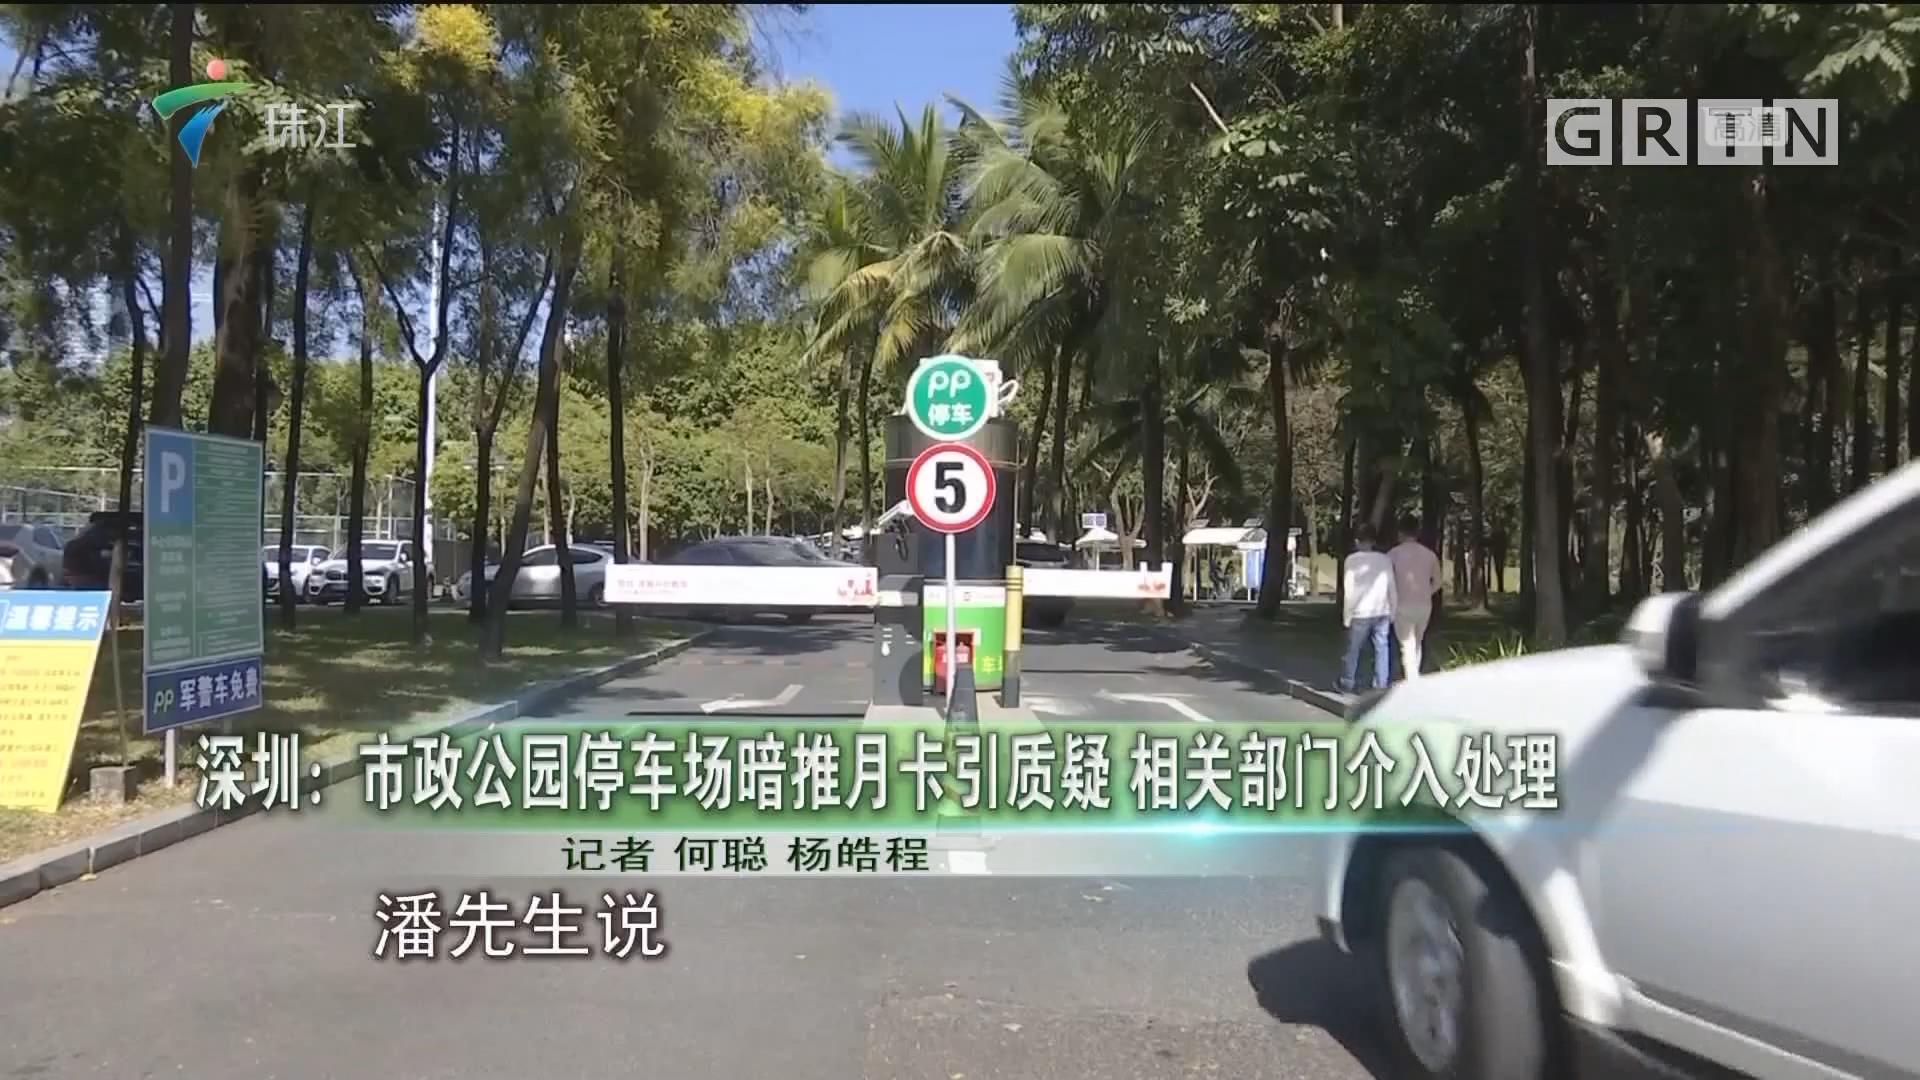 深圳:市政公园停车场暗推月卡引质疑 相关部门介入处理